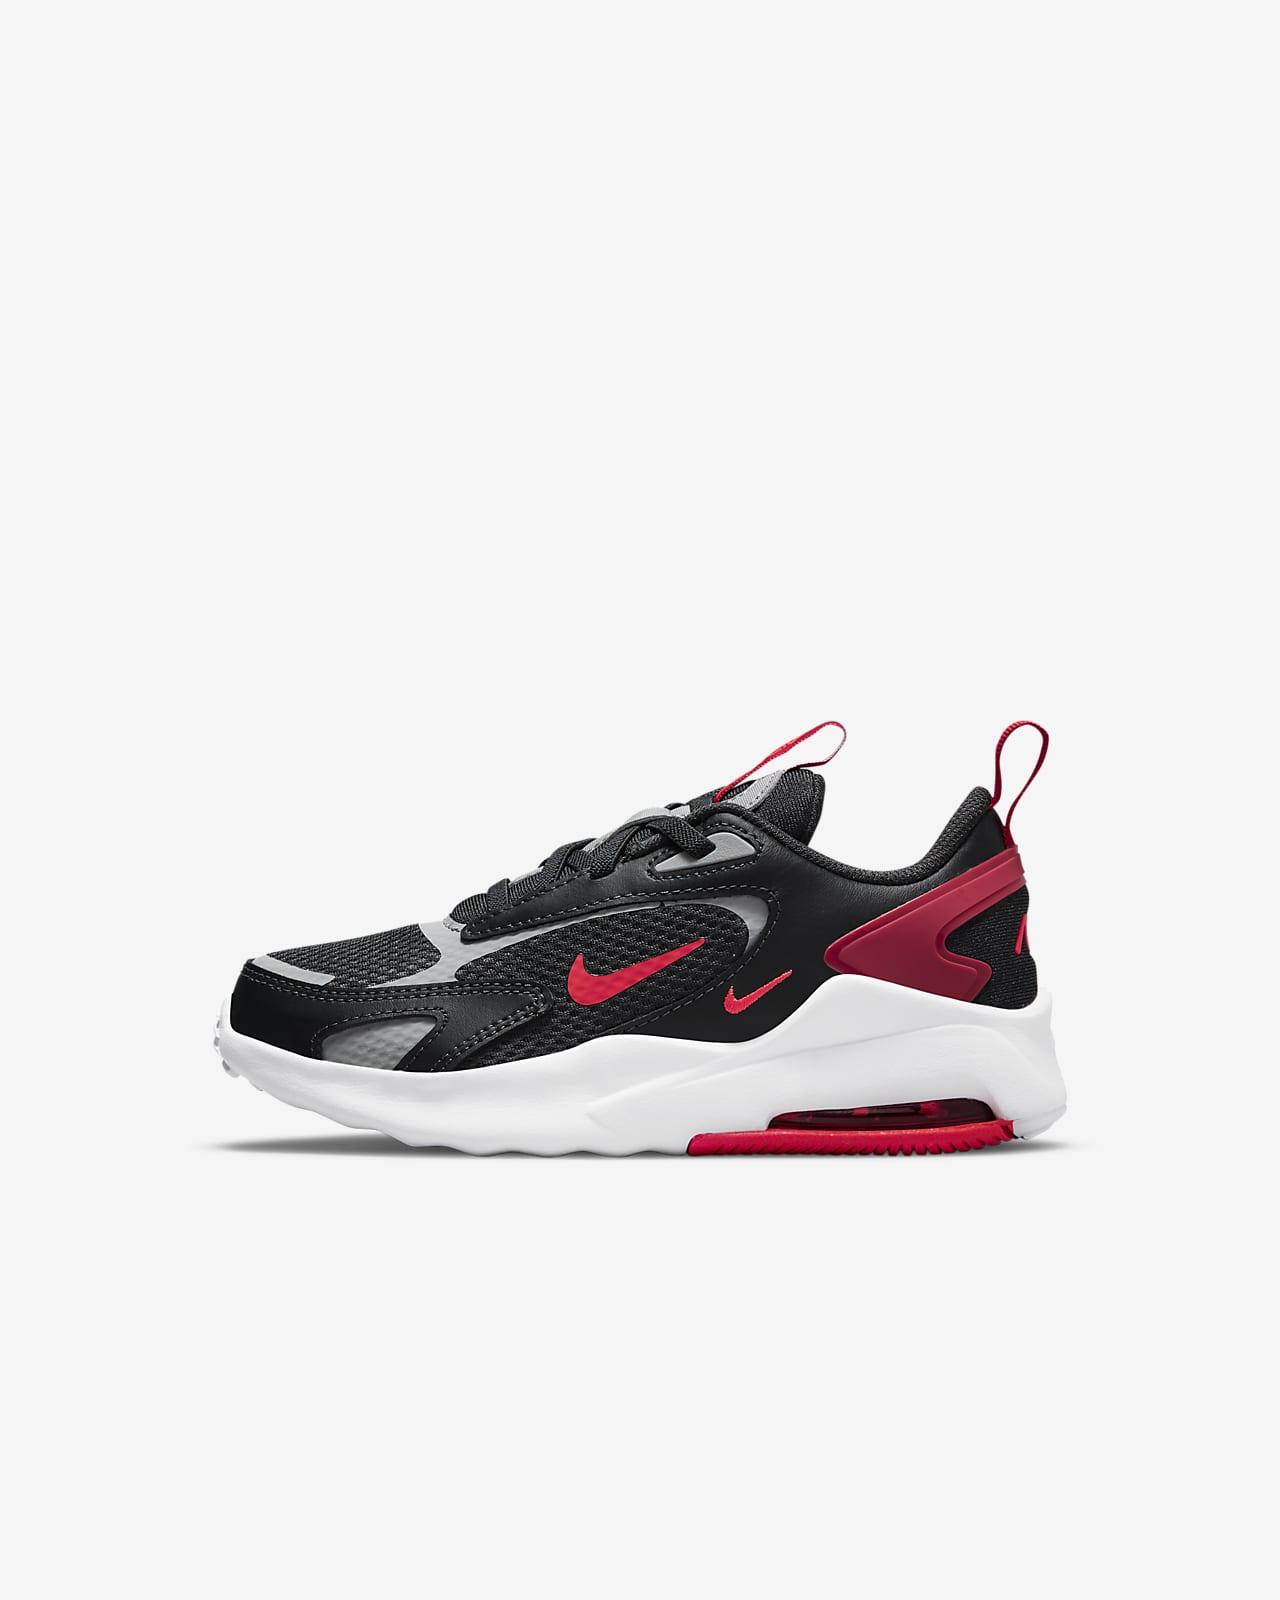 Nike Air Max Bolt Zapatillas - Niño/a pequeño/a